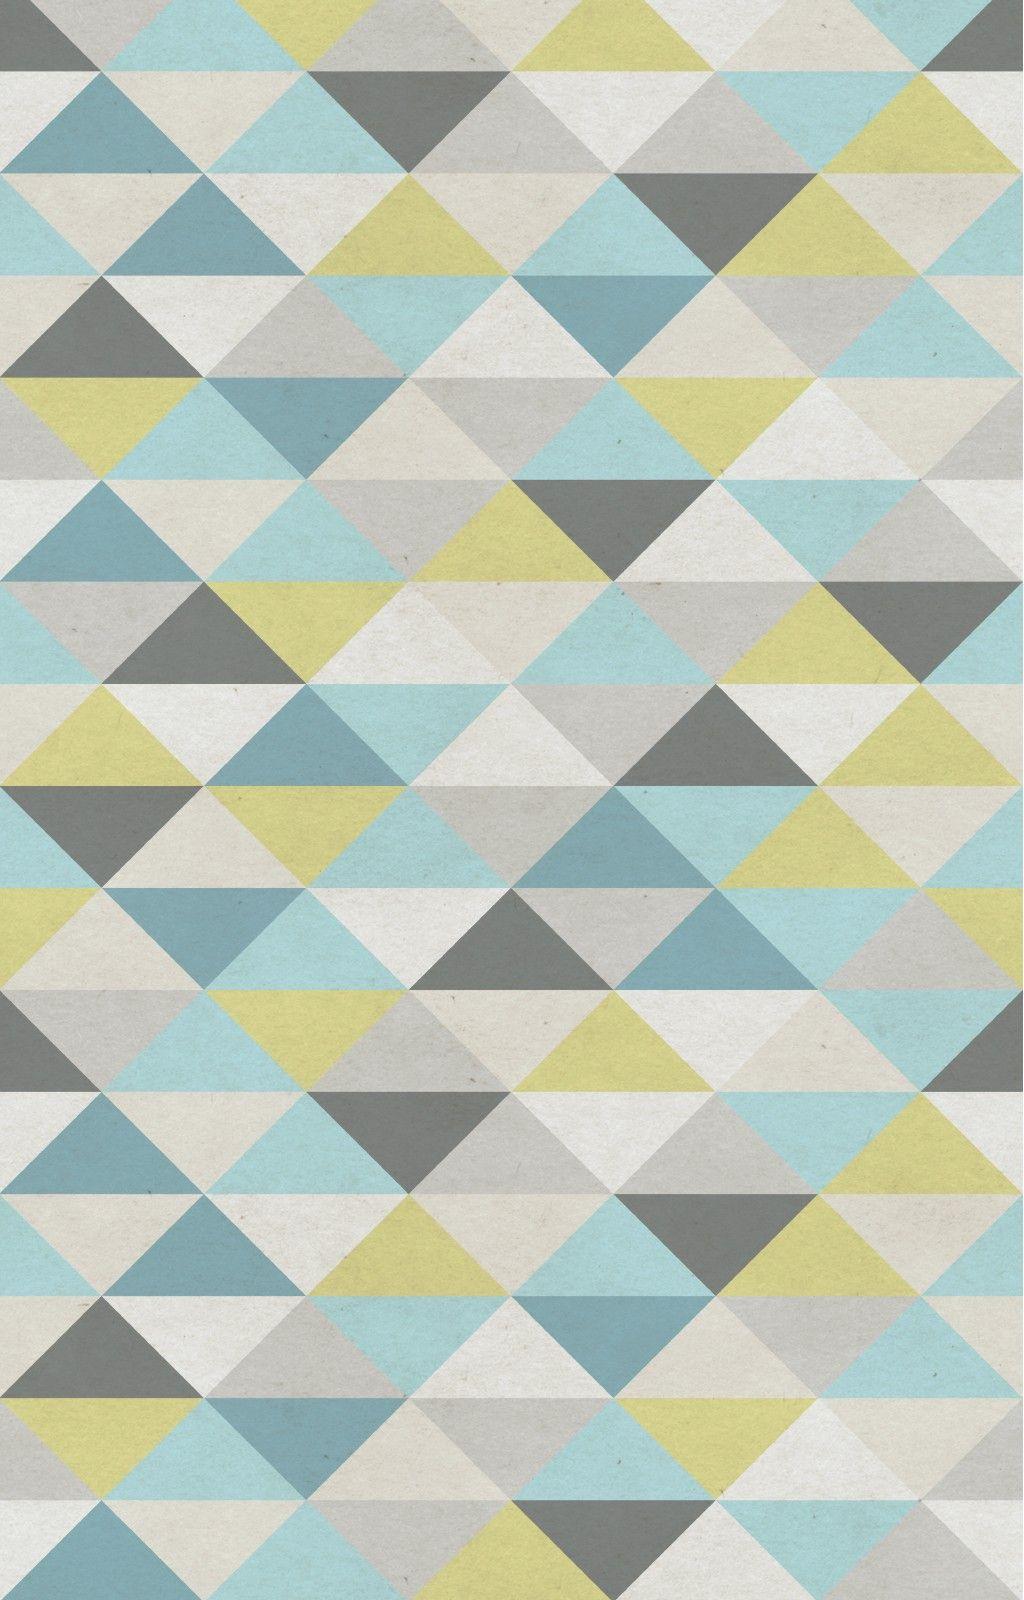 ninon l papiers de ninon papier peint pinterest papier peint papier et papier peint. Black Bedroom Furniture Sets. Home Design Ideas